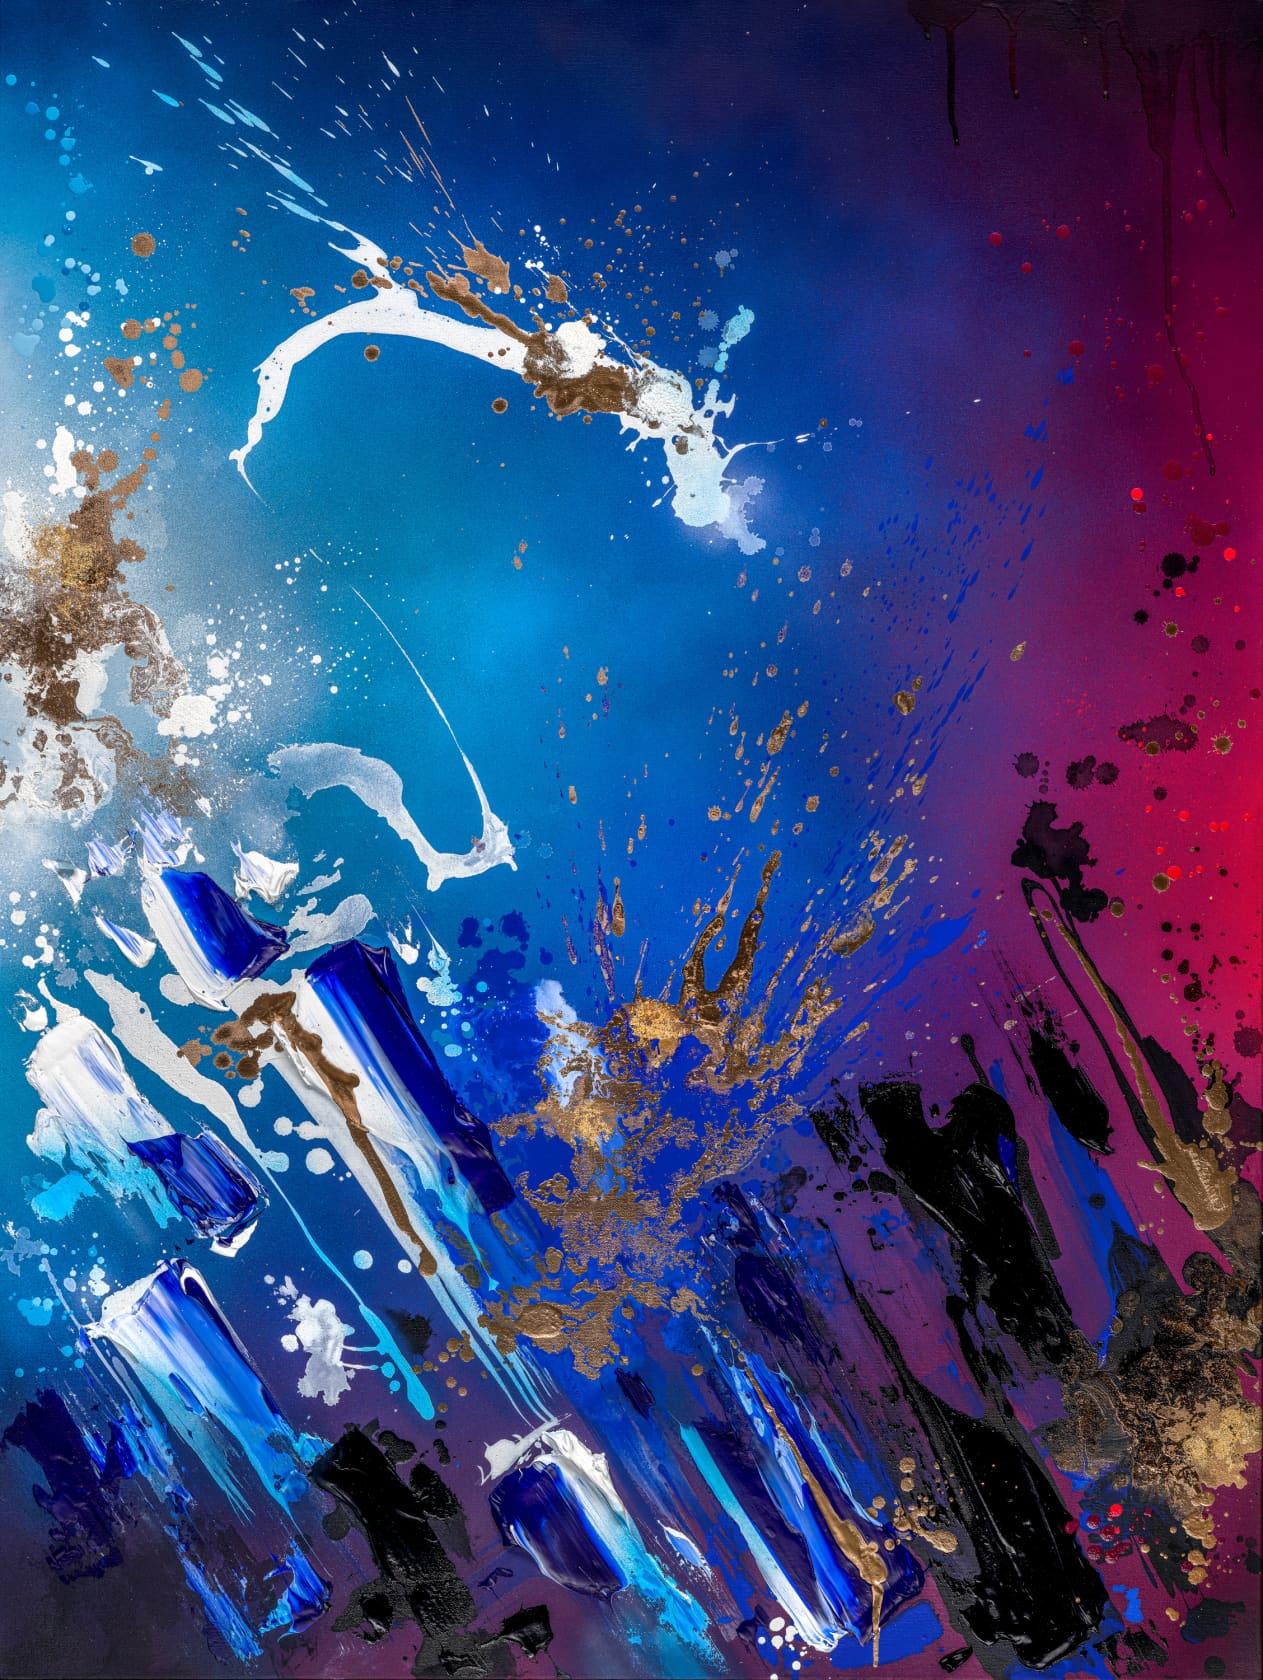 Mikael B, Starry Night #2, 2020